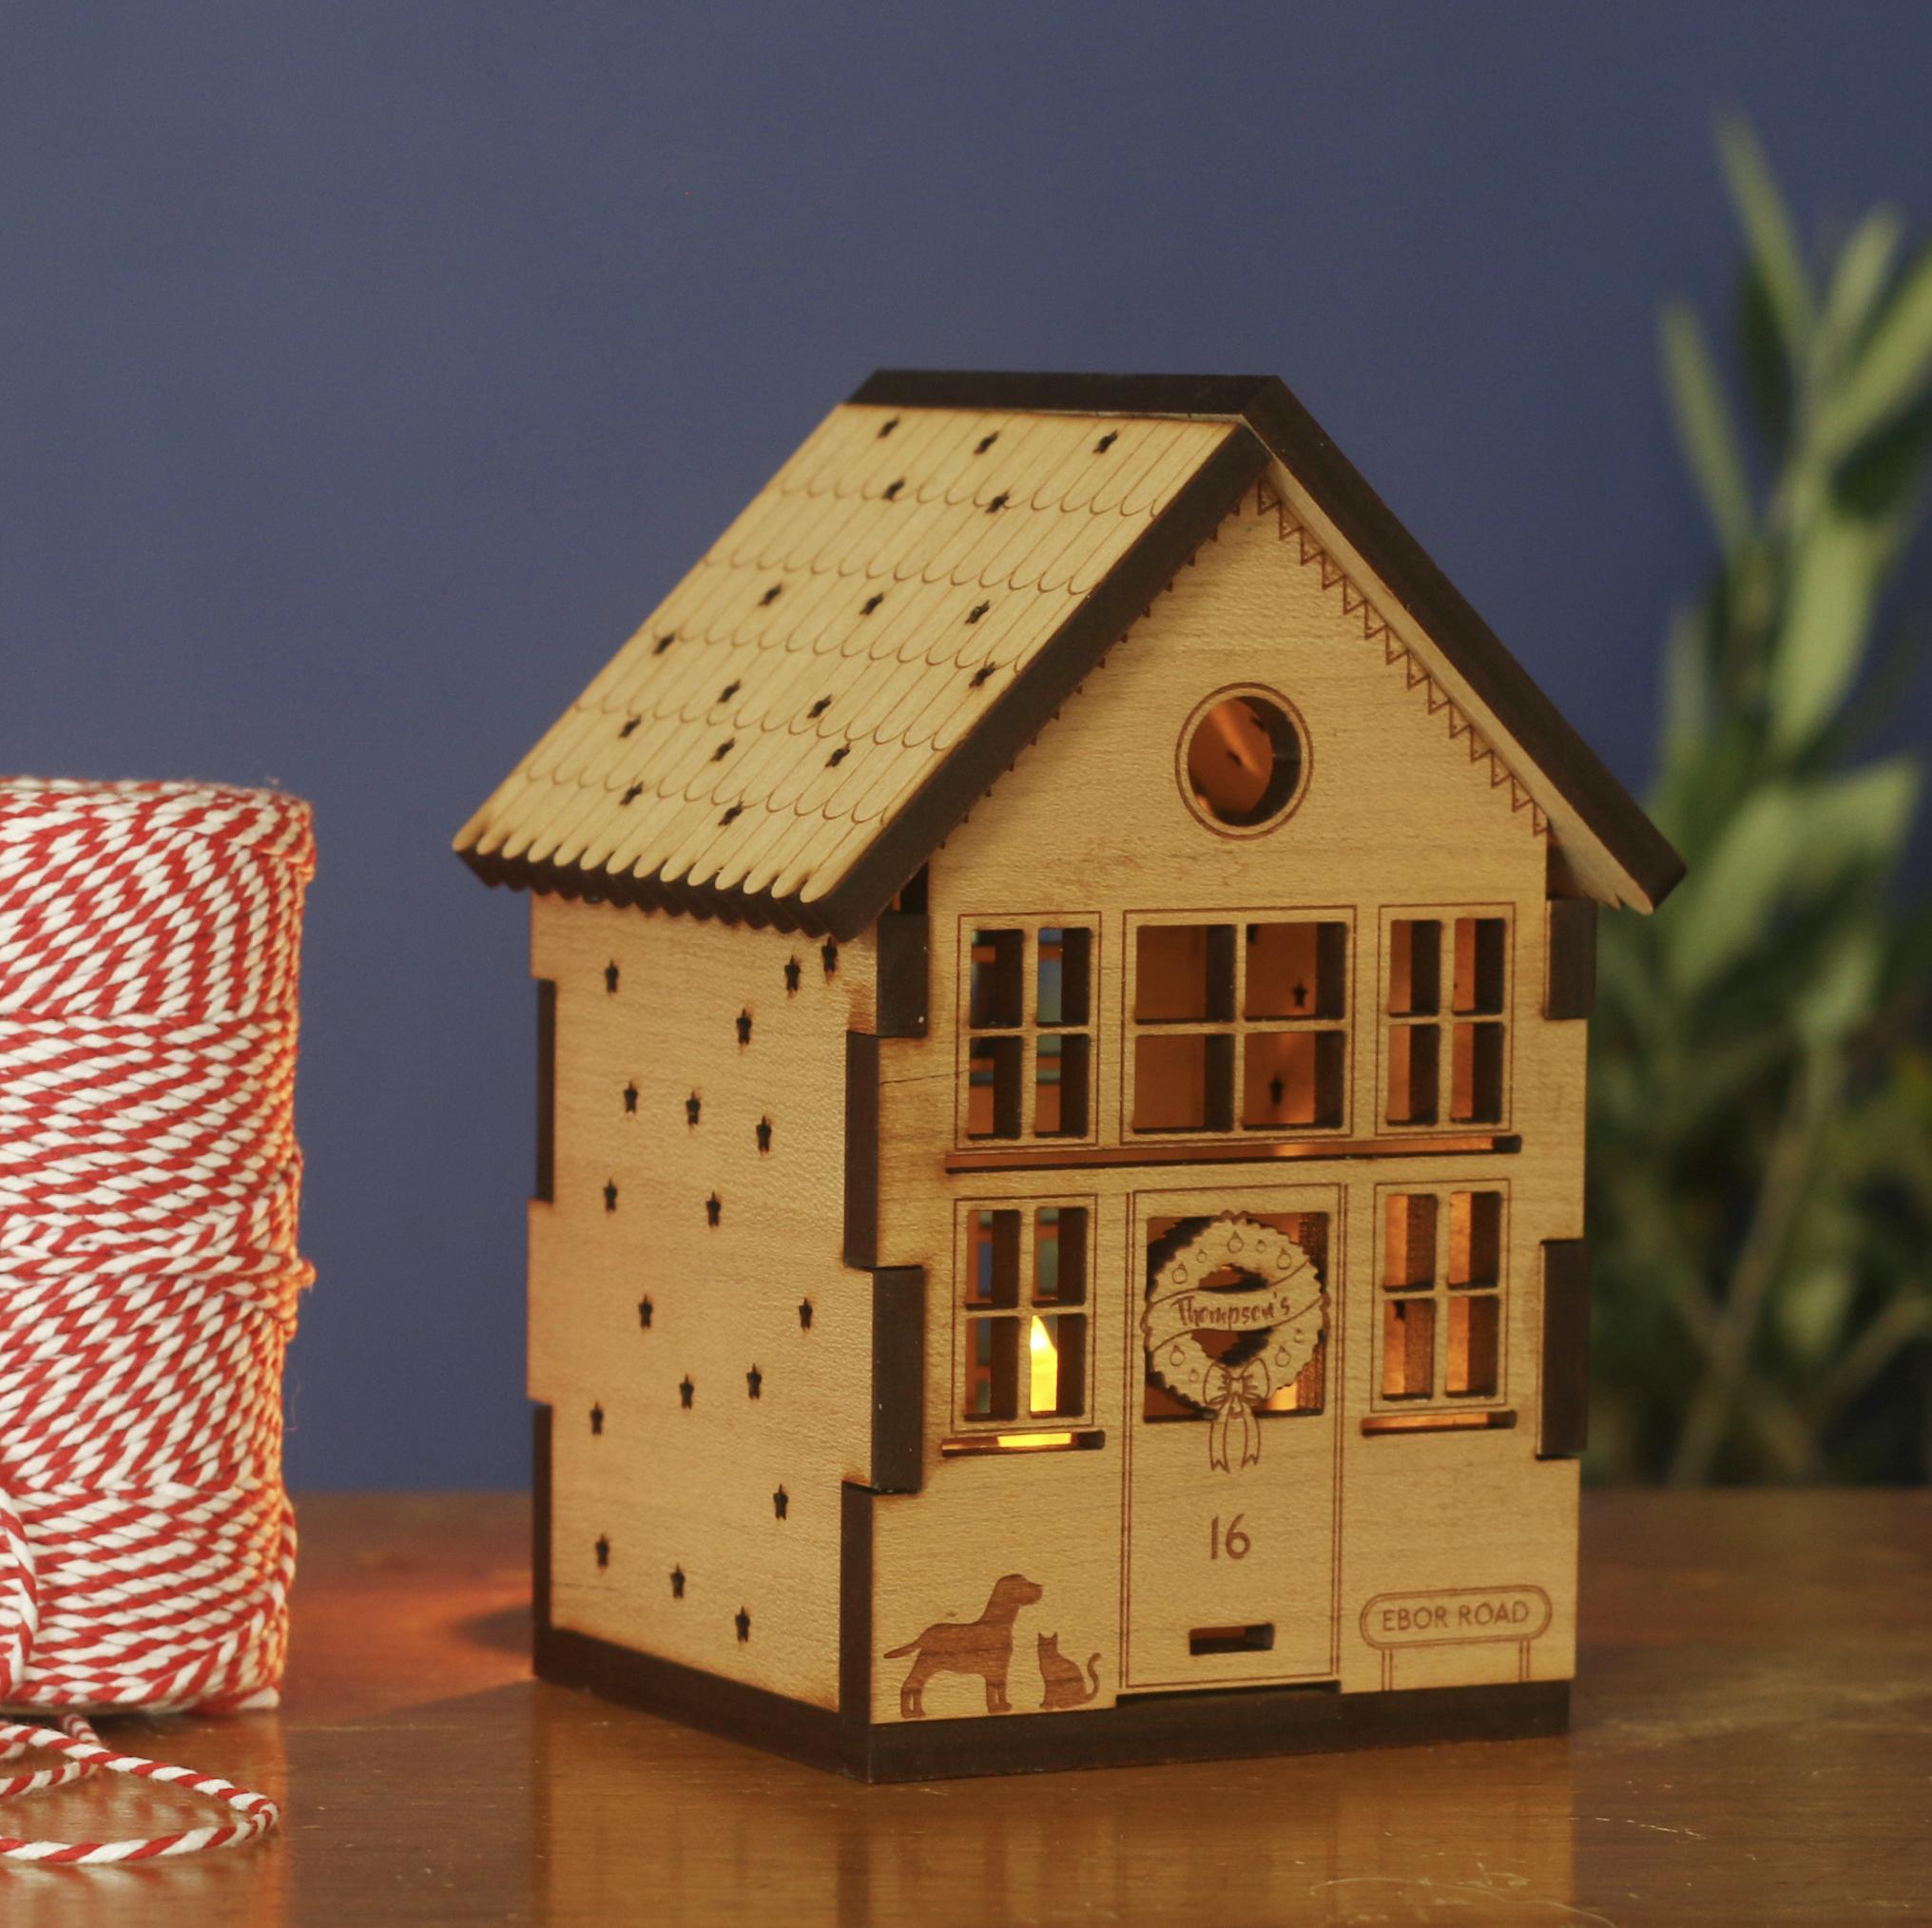 Wooden miniature house for tea lights, made in Cheltenham, www.betsybenn.co.uk